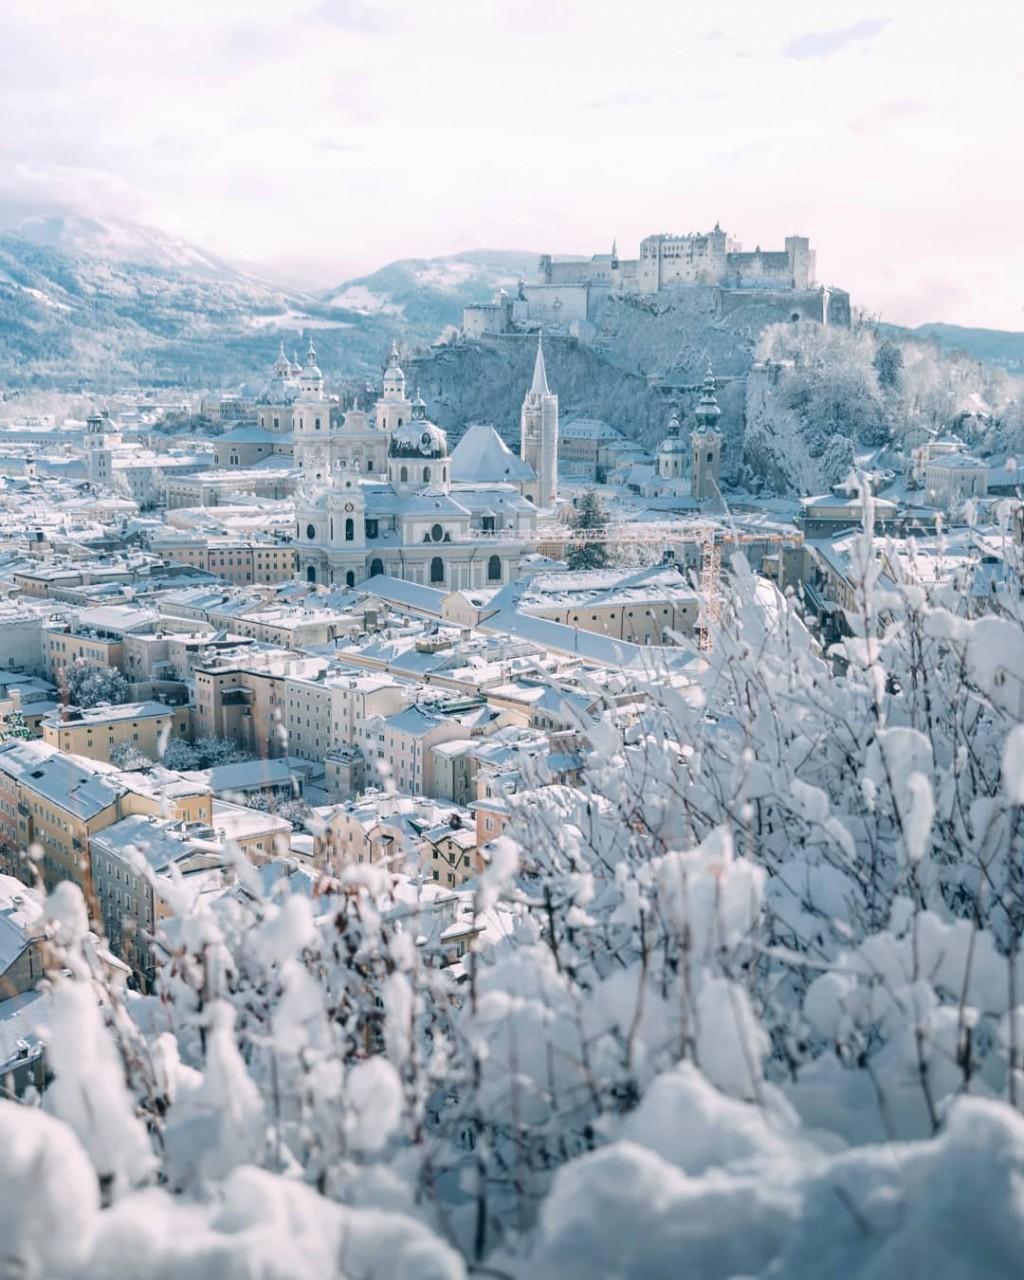 Зимняя Австрия на снимках Себастьяна Шейхла